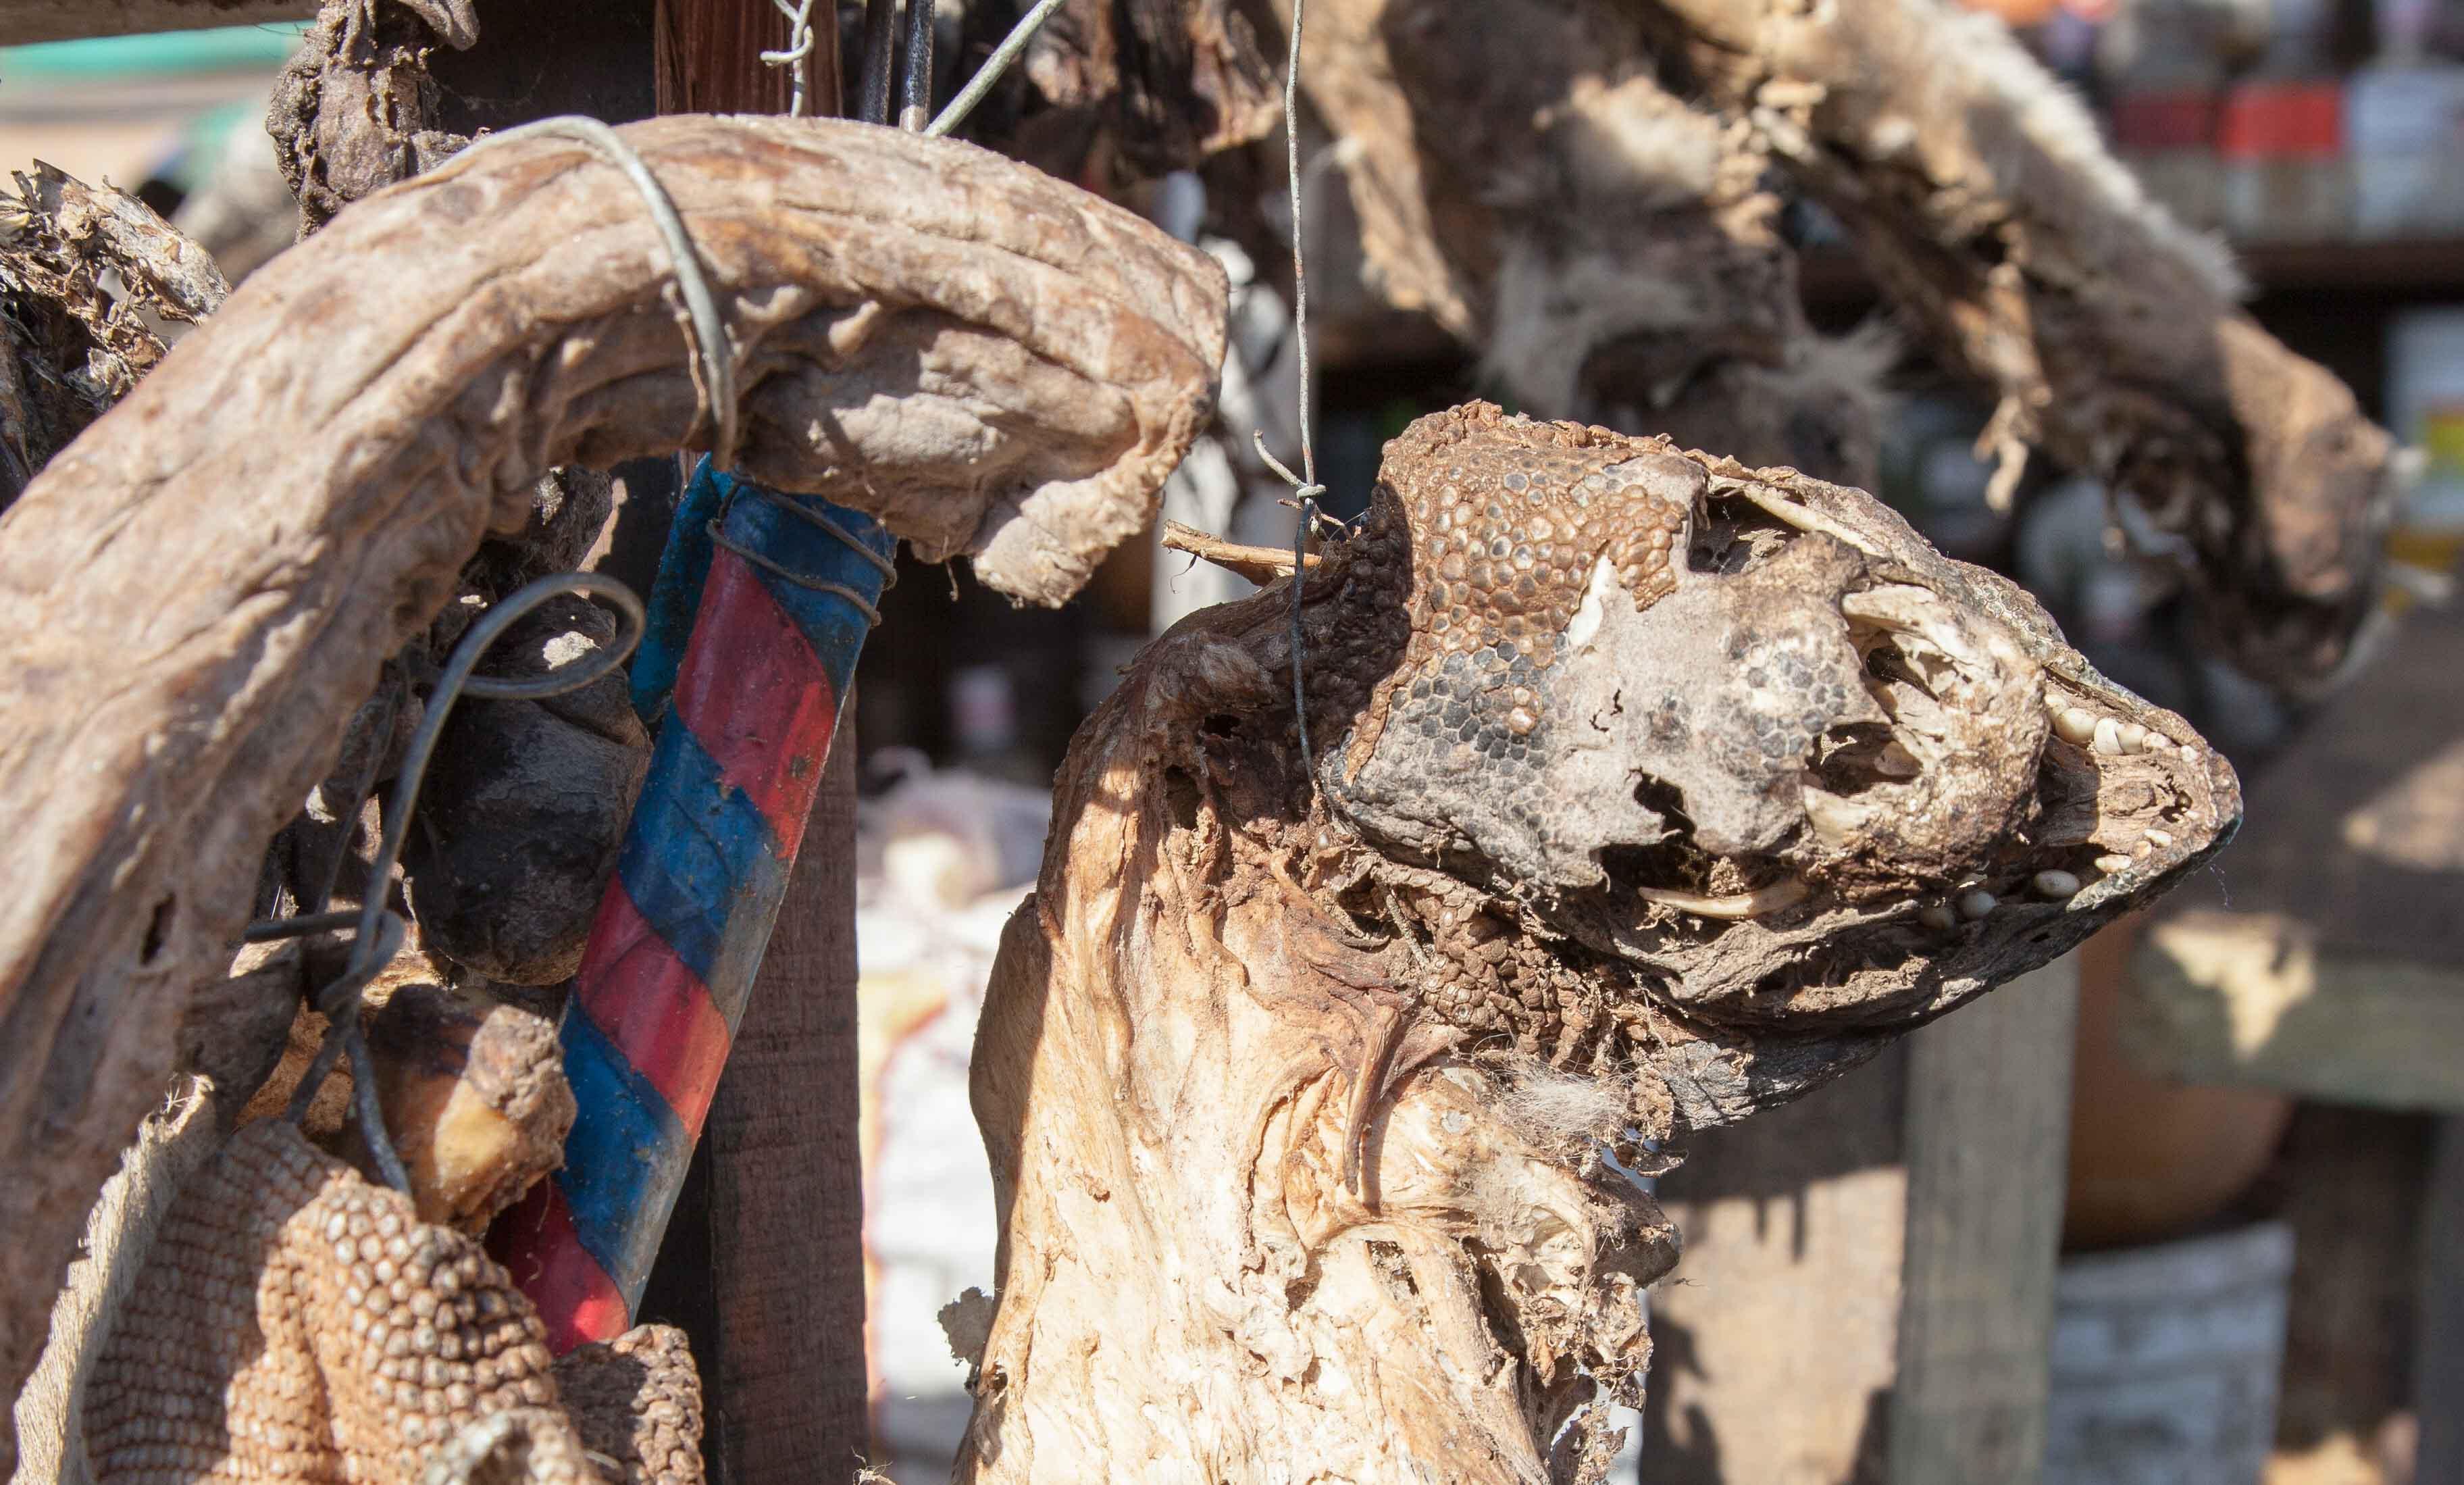 Ein getrockneter Schlangenkopf. Das Fett einer Python soll helfen, offene Wunden zu heilen